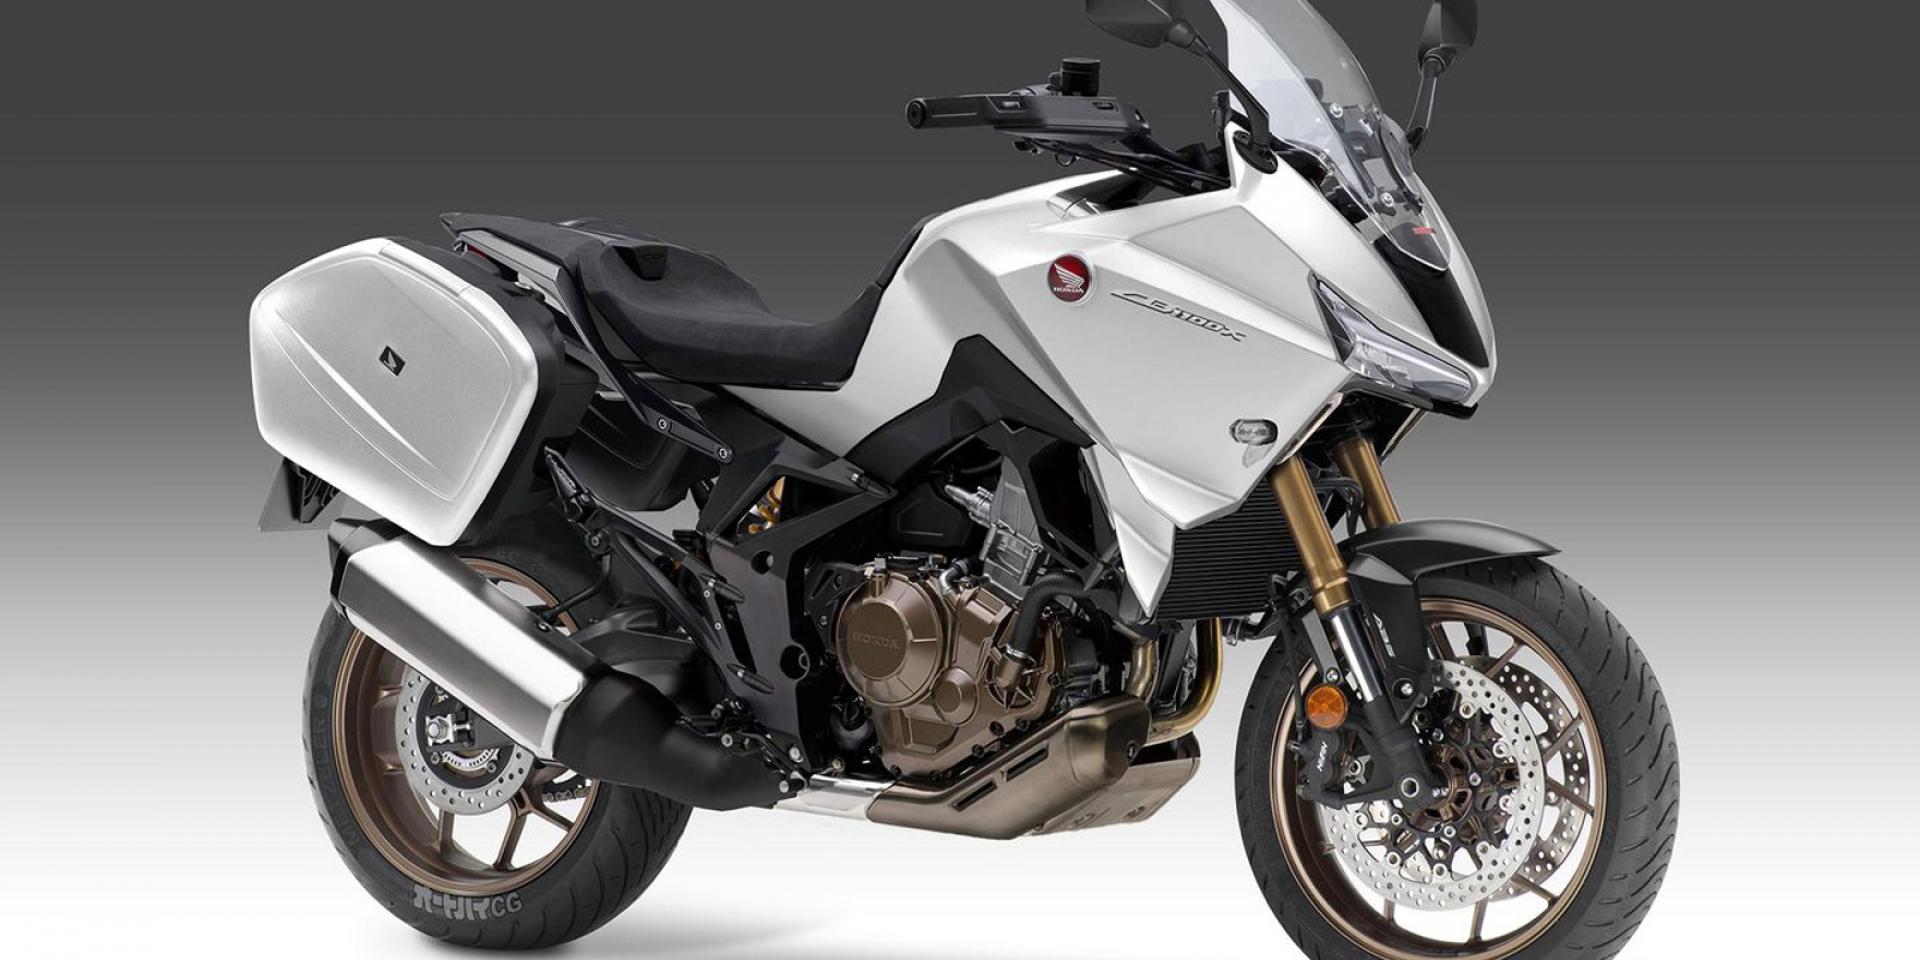 雙缸跑旅年底發表?HONDA NT1100 歐洲型號批准通過!